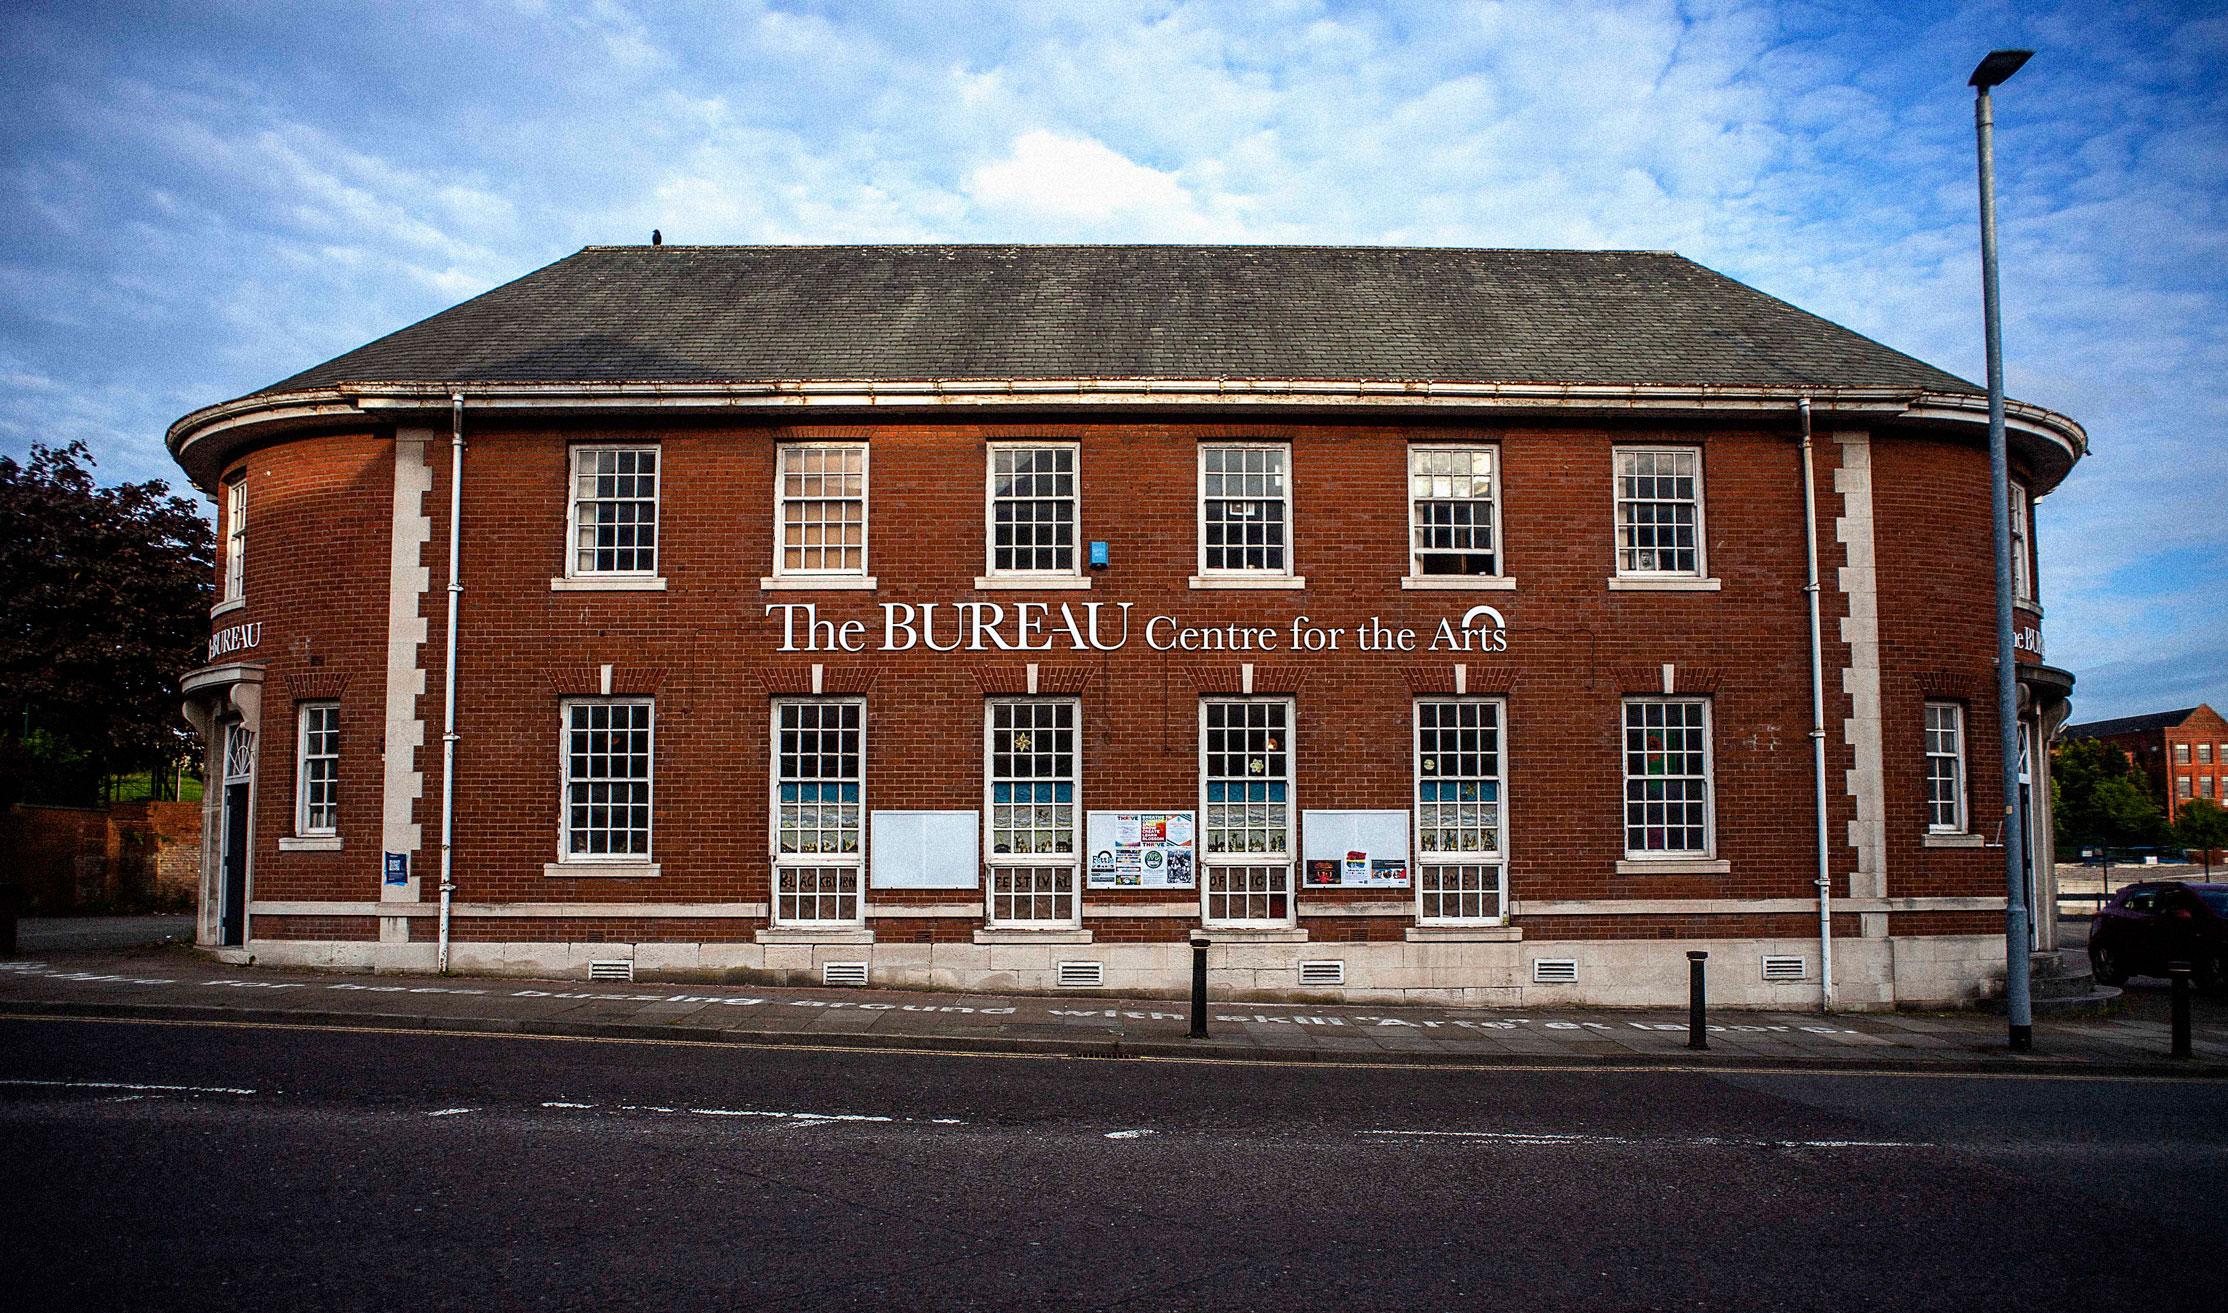 The Bureau Centre for the Arts, June 2021